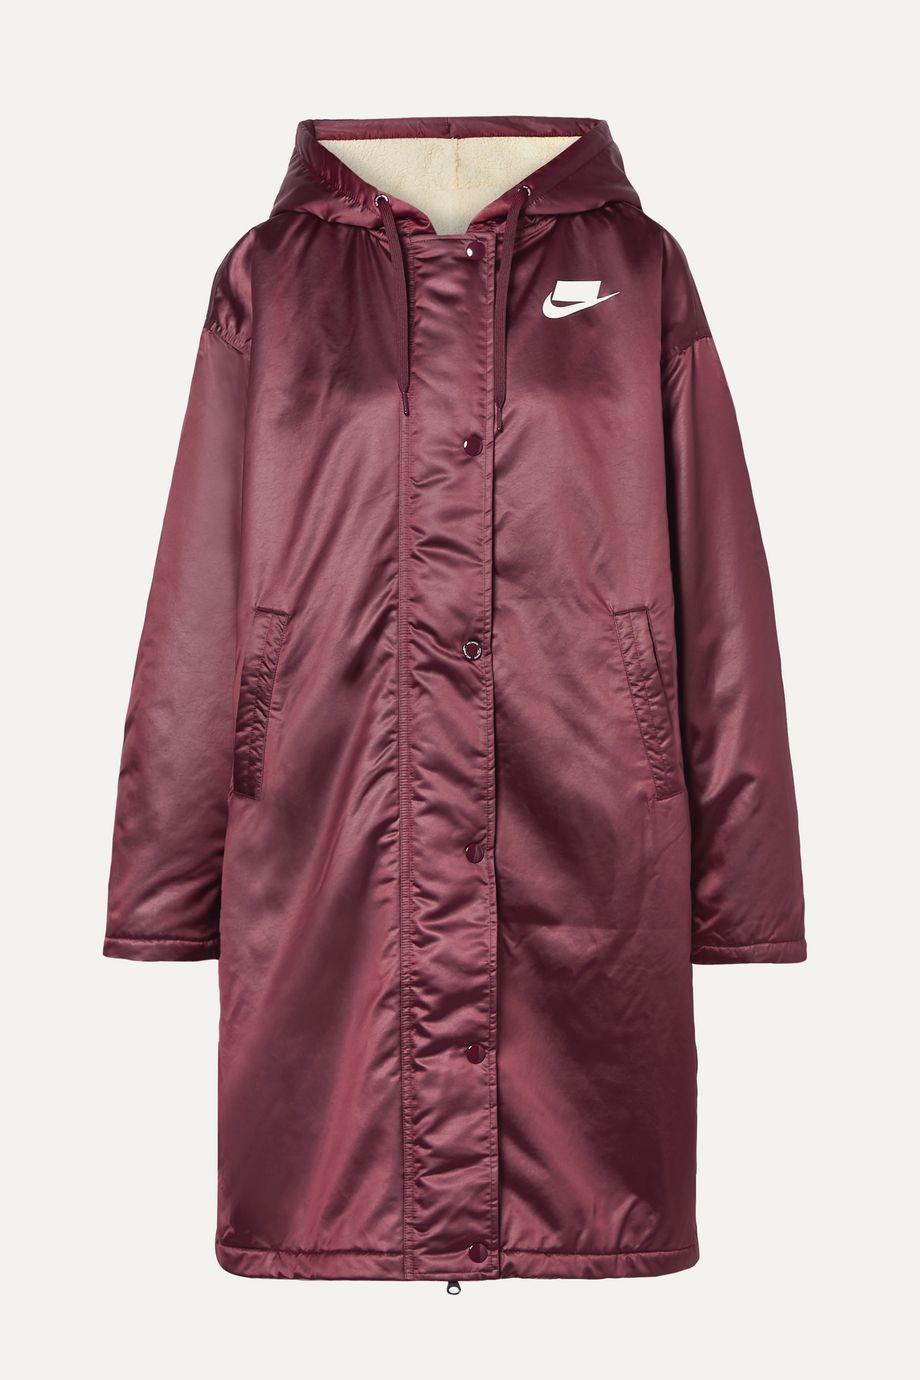 Nike Oversized hooded printed padded satin jacket